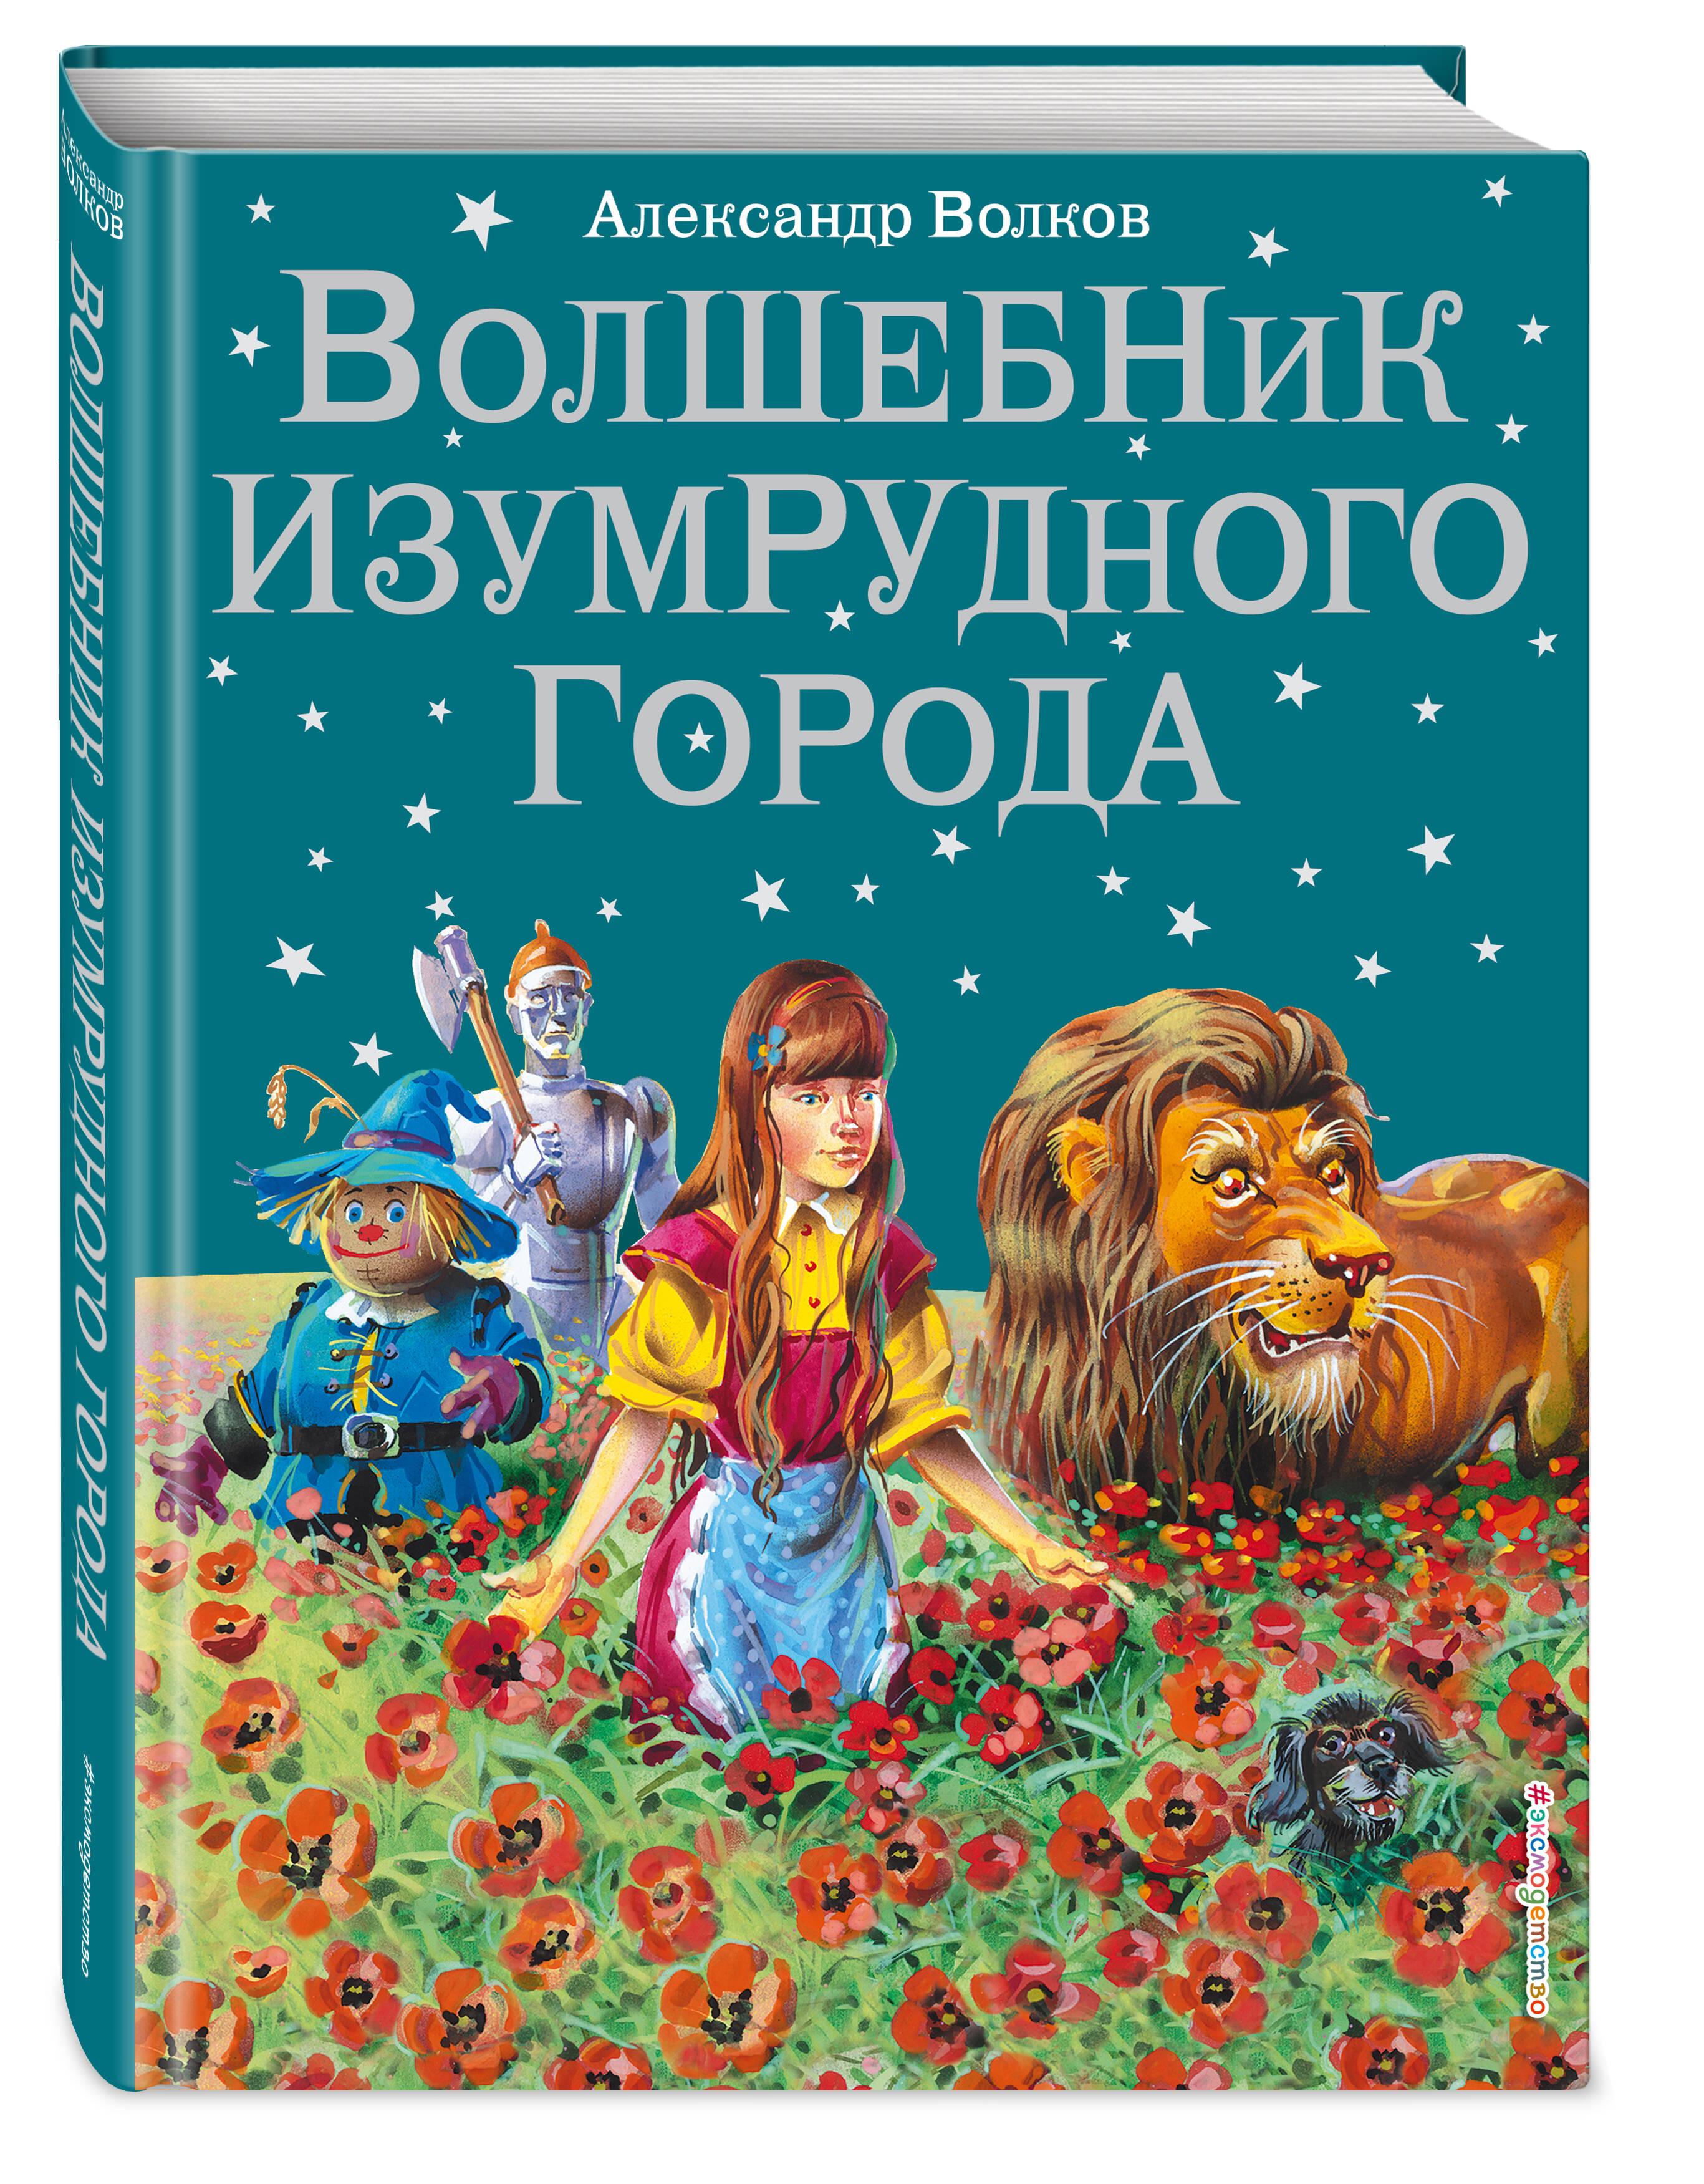 Волшебник Изумрудного города (ил. В. Канивца) (#1)